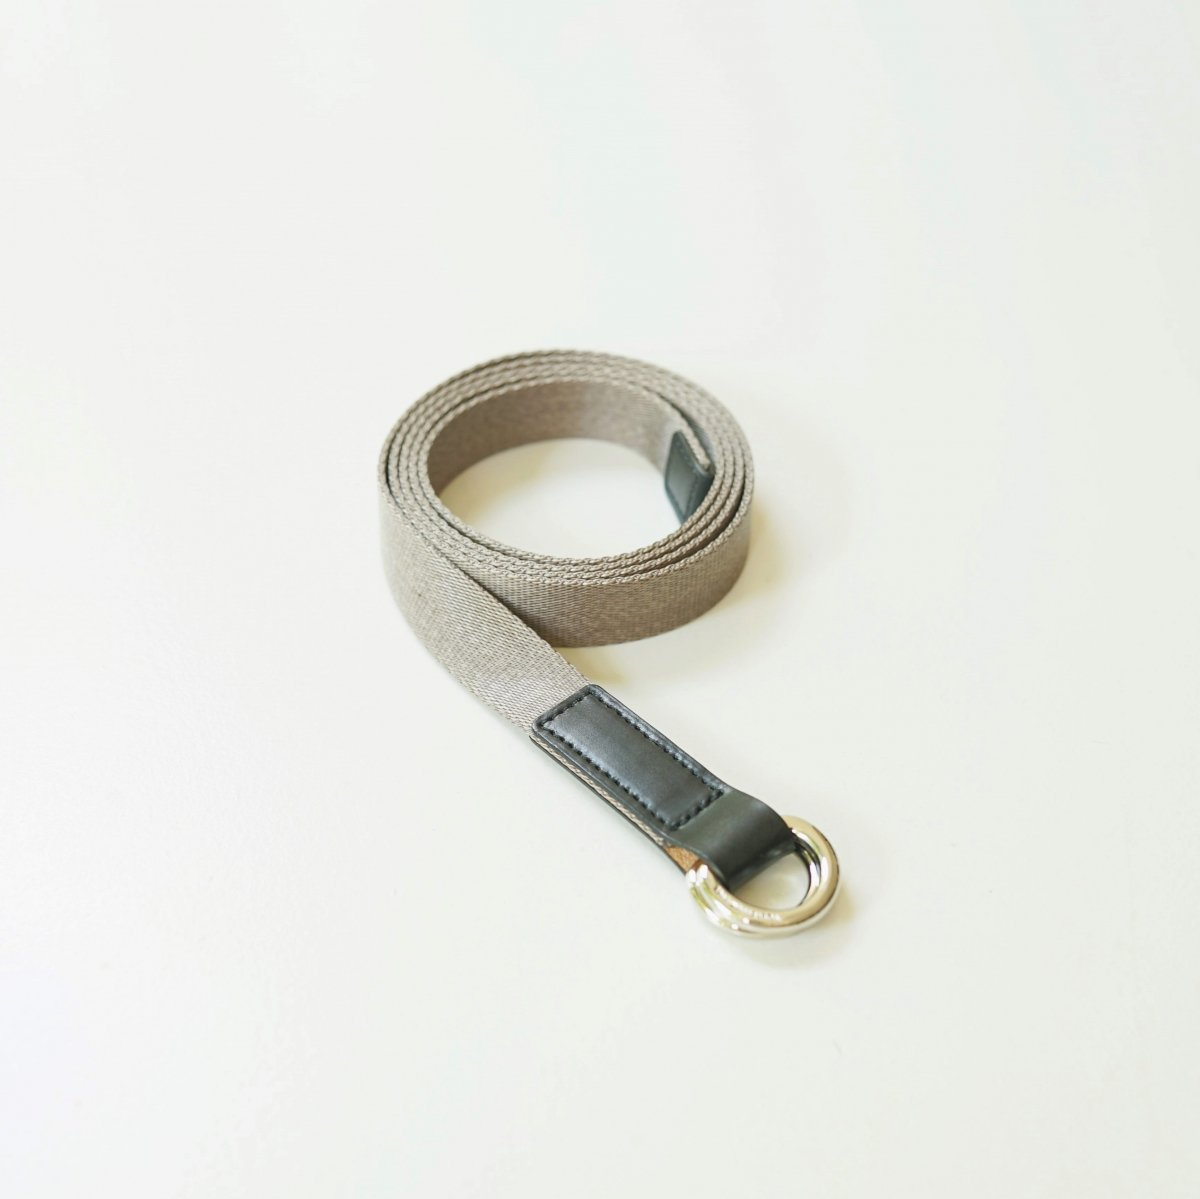 【Scye】SILKY TAPE BELTDOUBLE RING BELT - MAUVE GREY